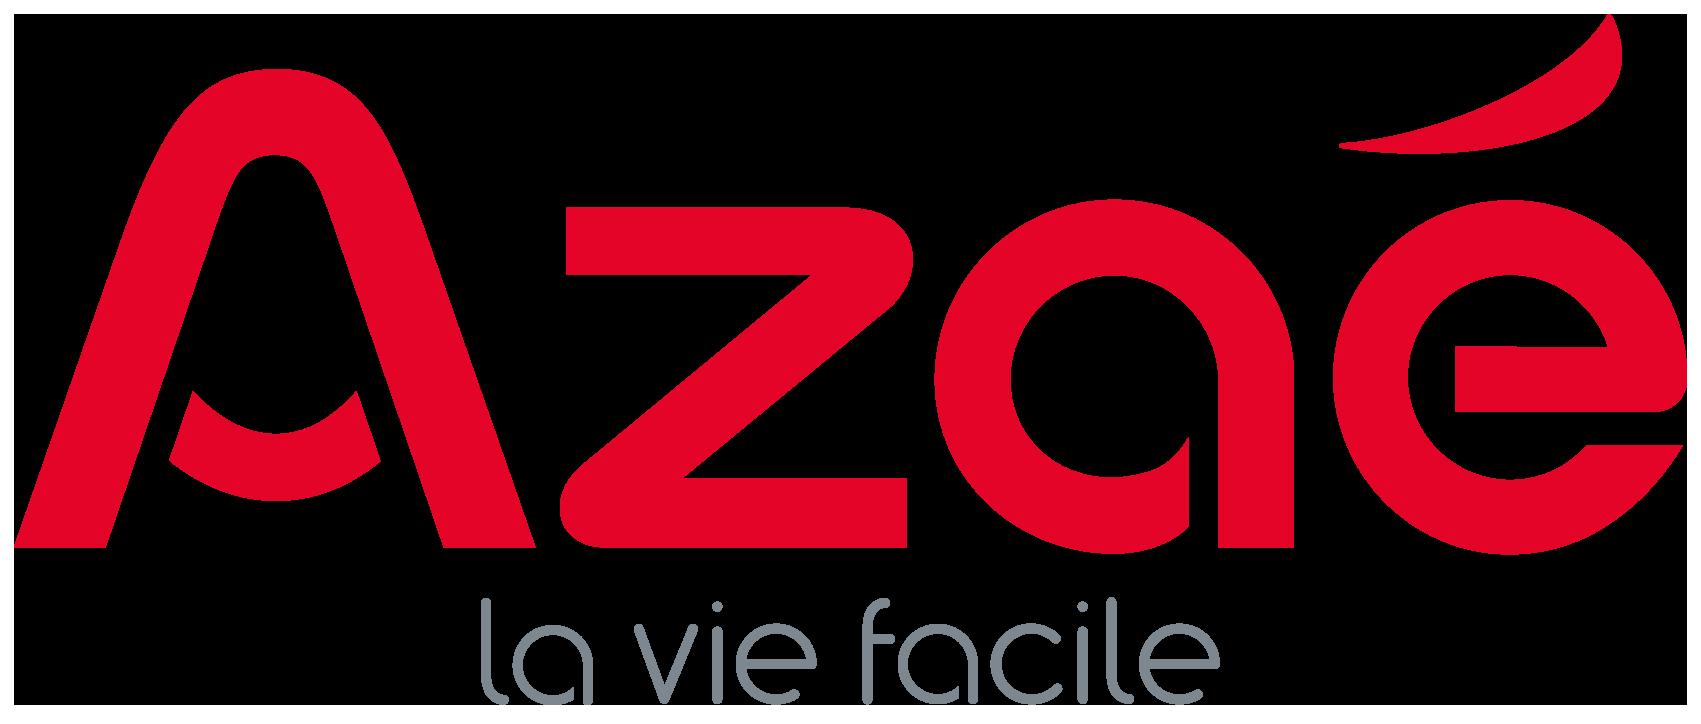 Azaé Bordeaux - Aide à domicile et femme de ménage garde d'enfants